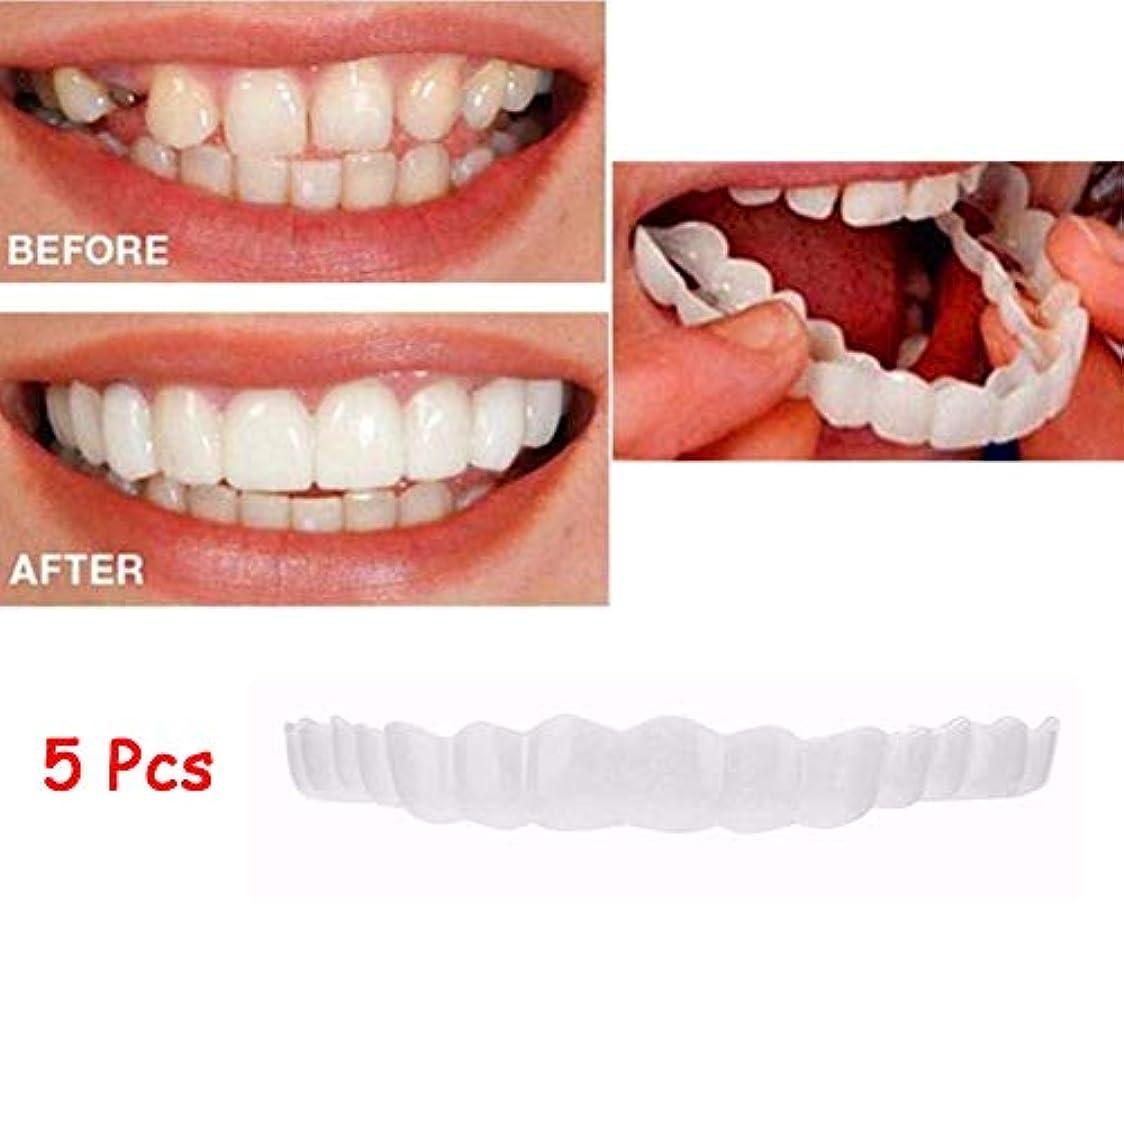 叫び声コンテンツよろめく5本突き板、化粧品の歯 - 一時的な笑顔の快適さフレックス歯のベニー